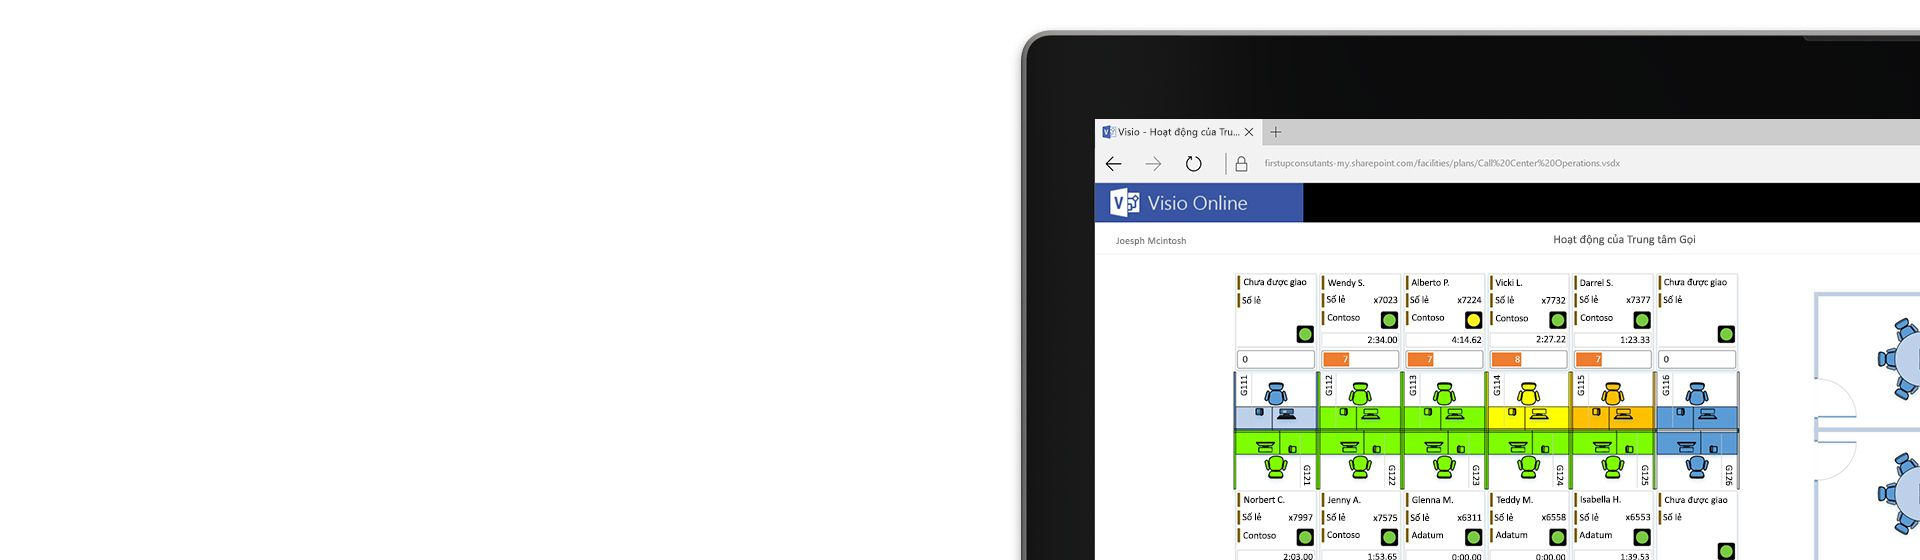 Góc màn hình máy tính bảng hiển thị sơ đồ sàn tổng đài trong Visio